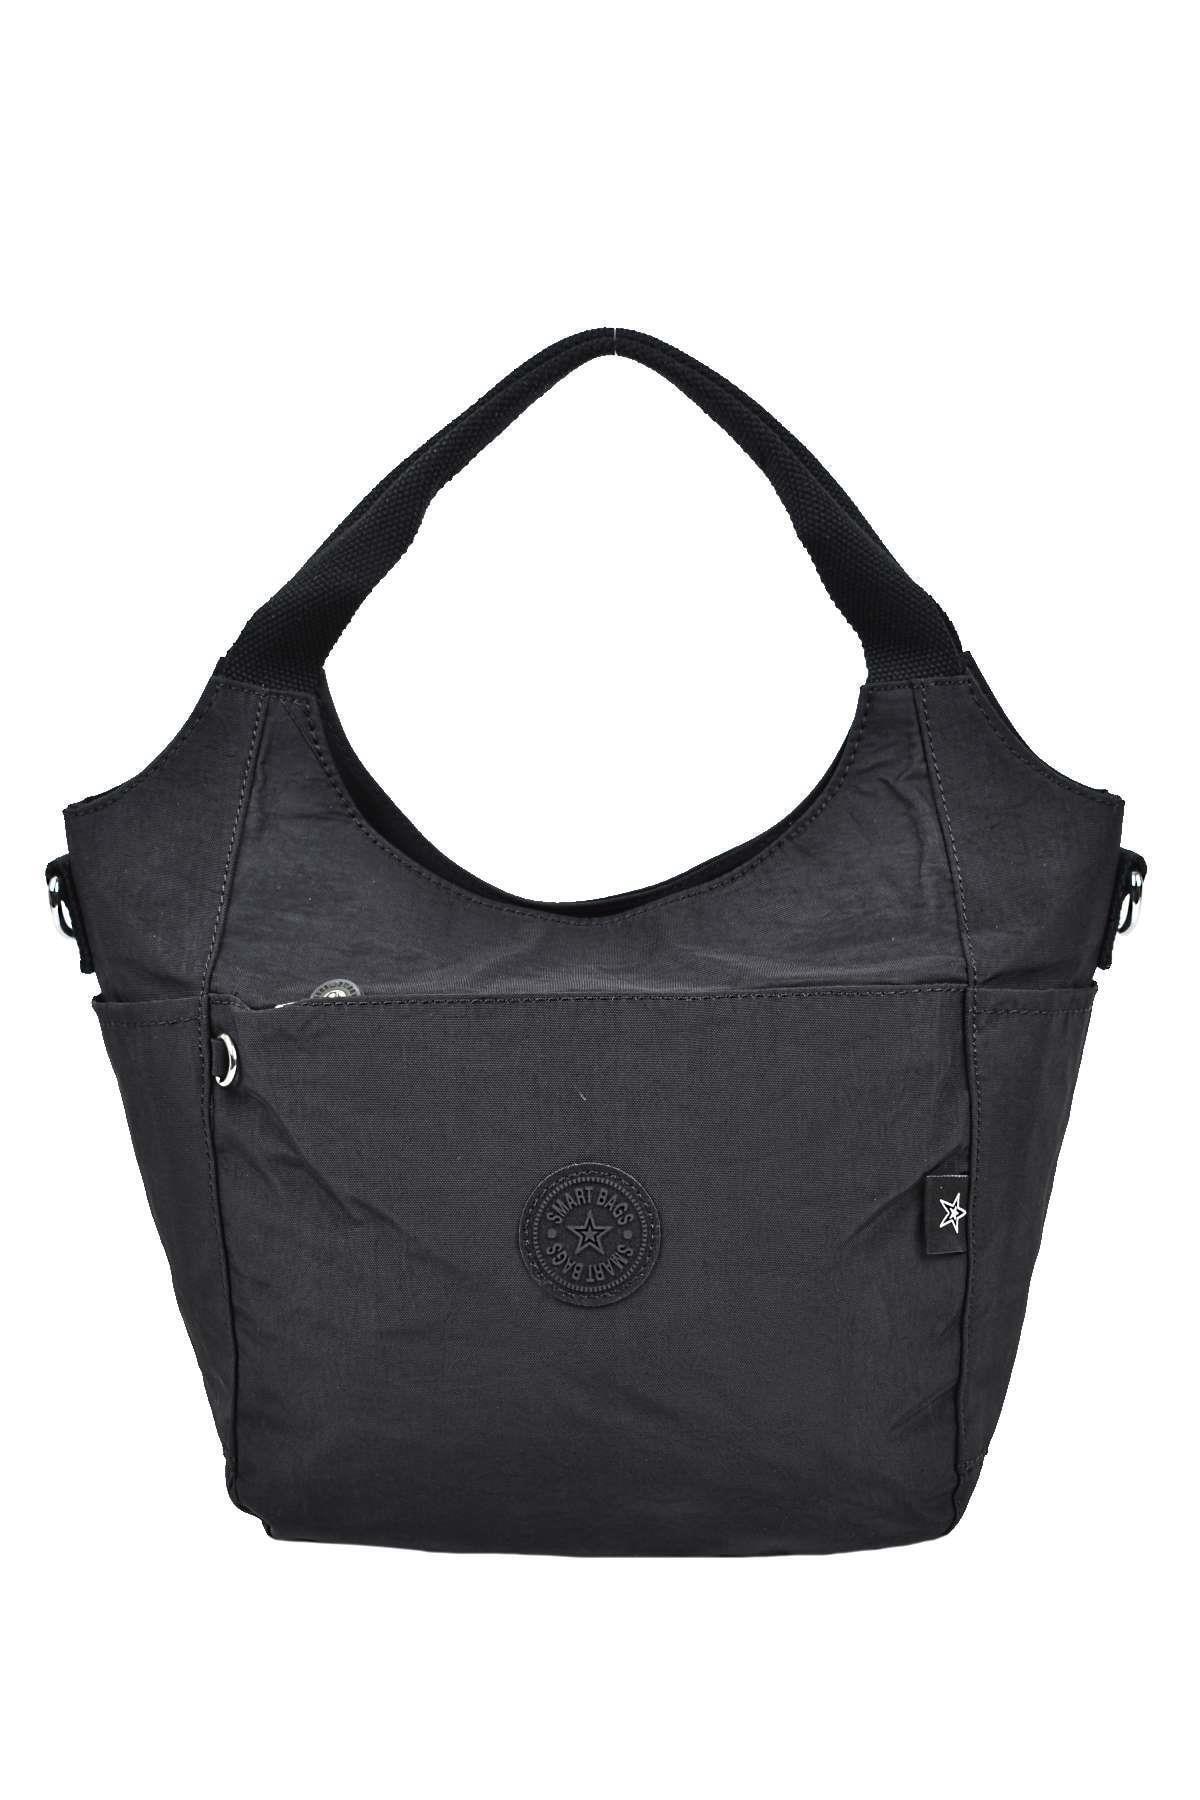 SMART BAGS Omuz Ve El Çantası Siyah 3079 1